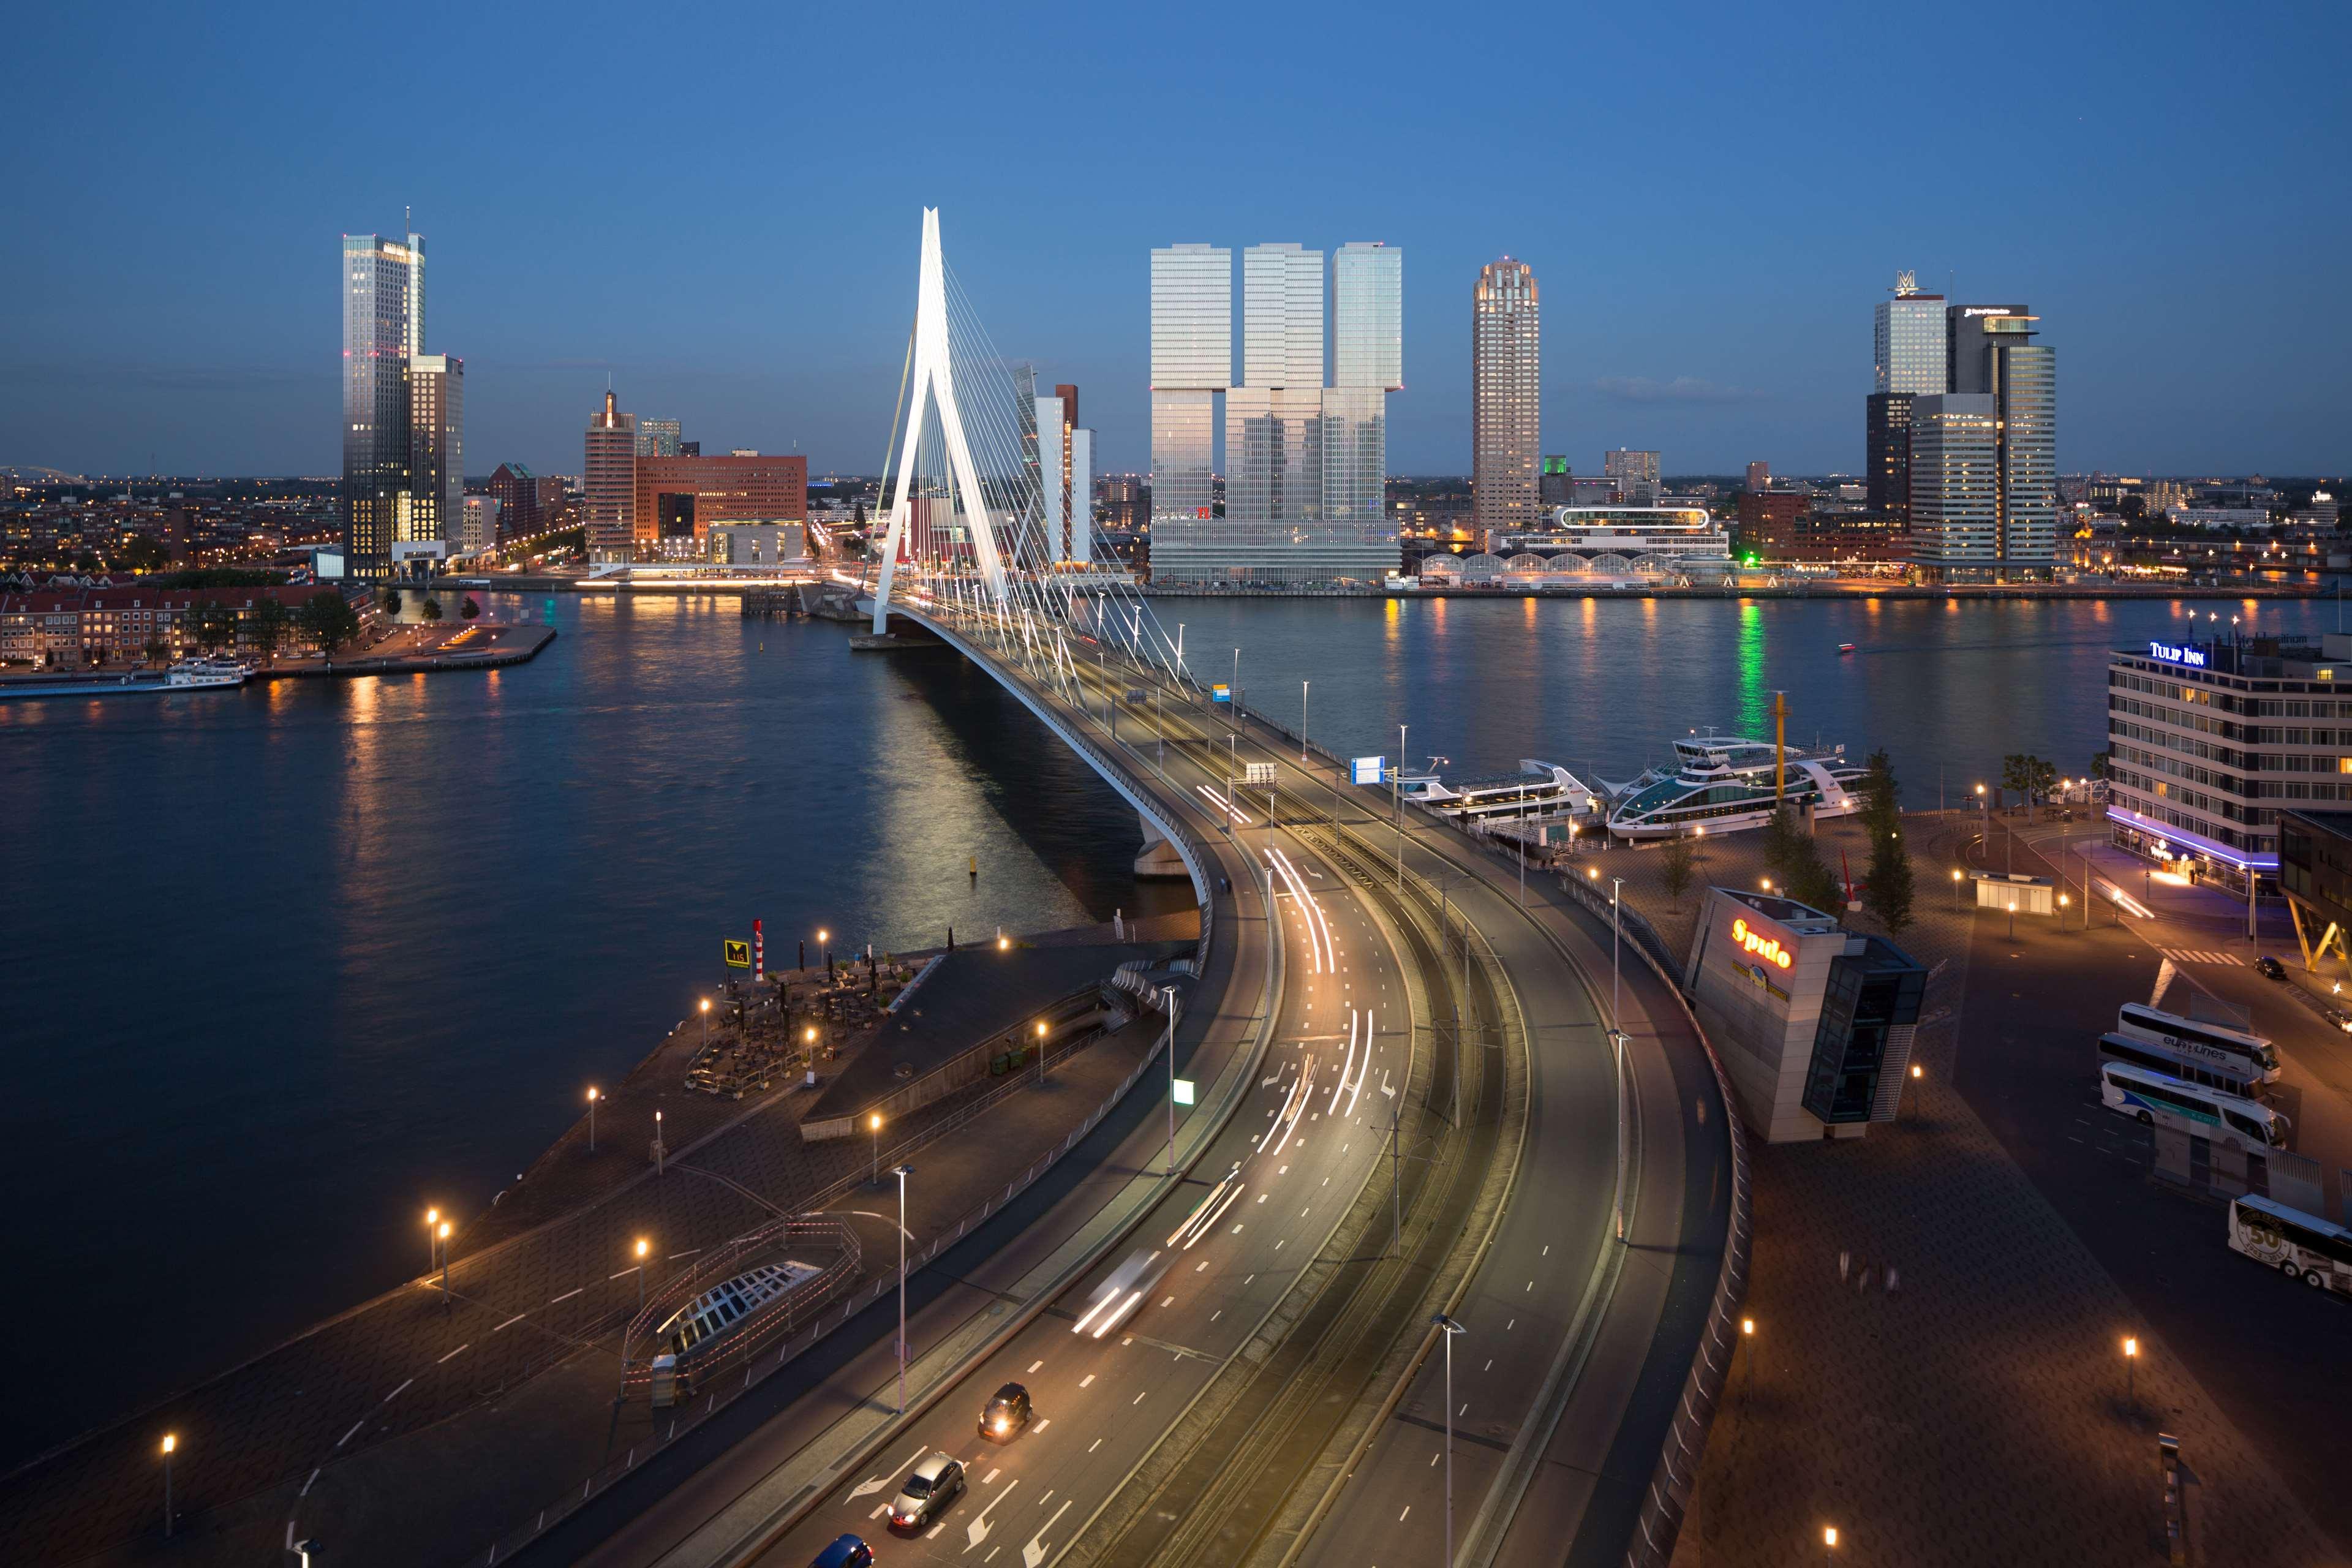 nhow Rotterdam Hotel, Rotterdam